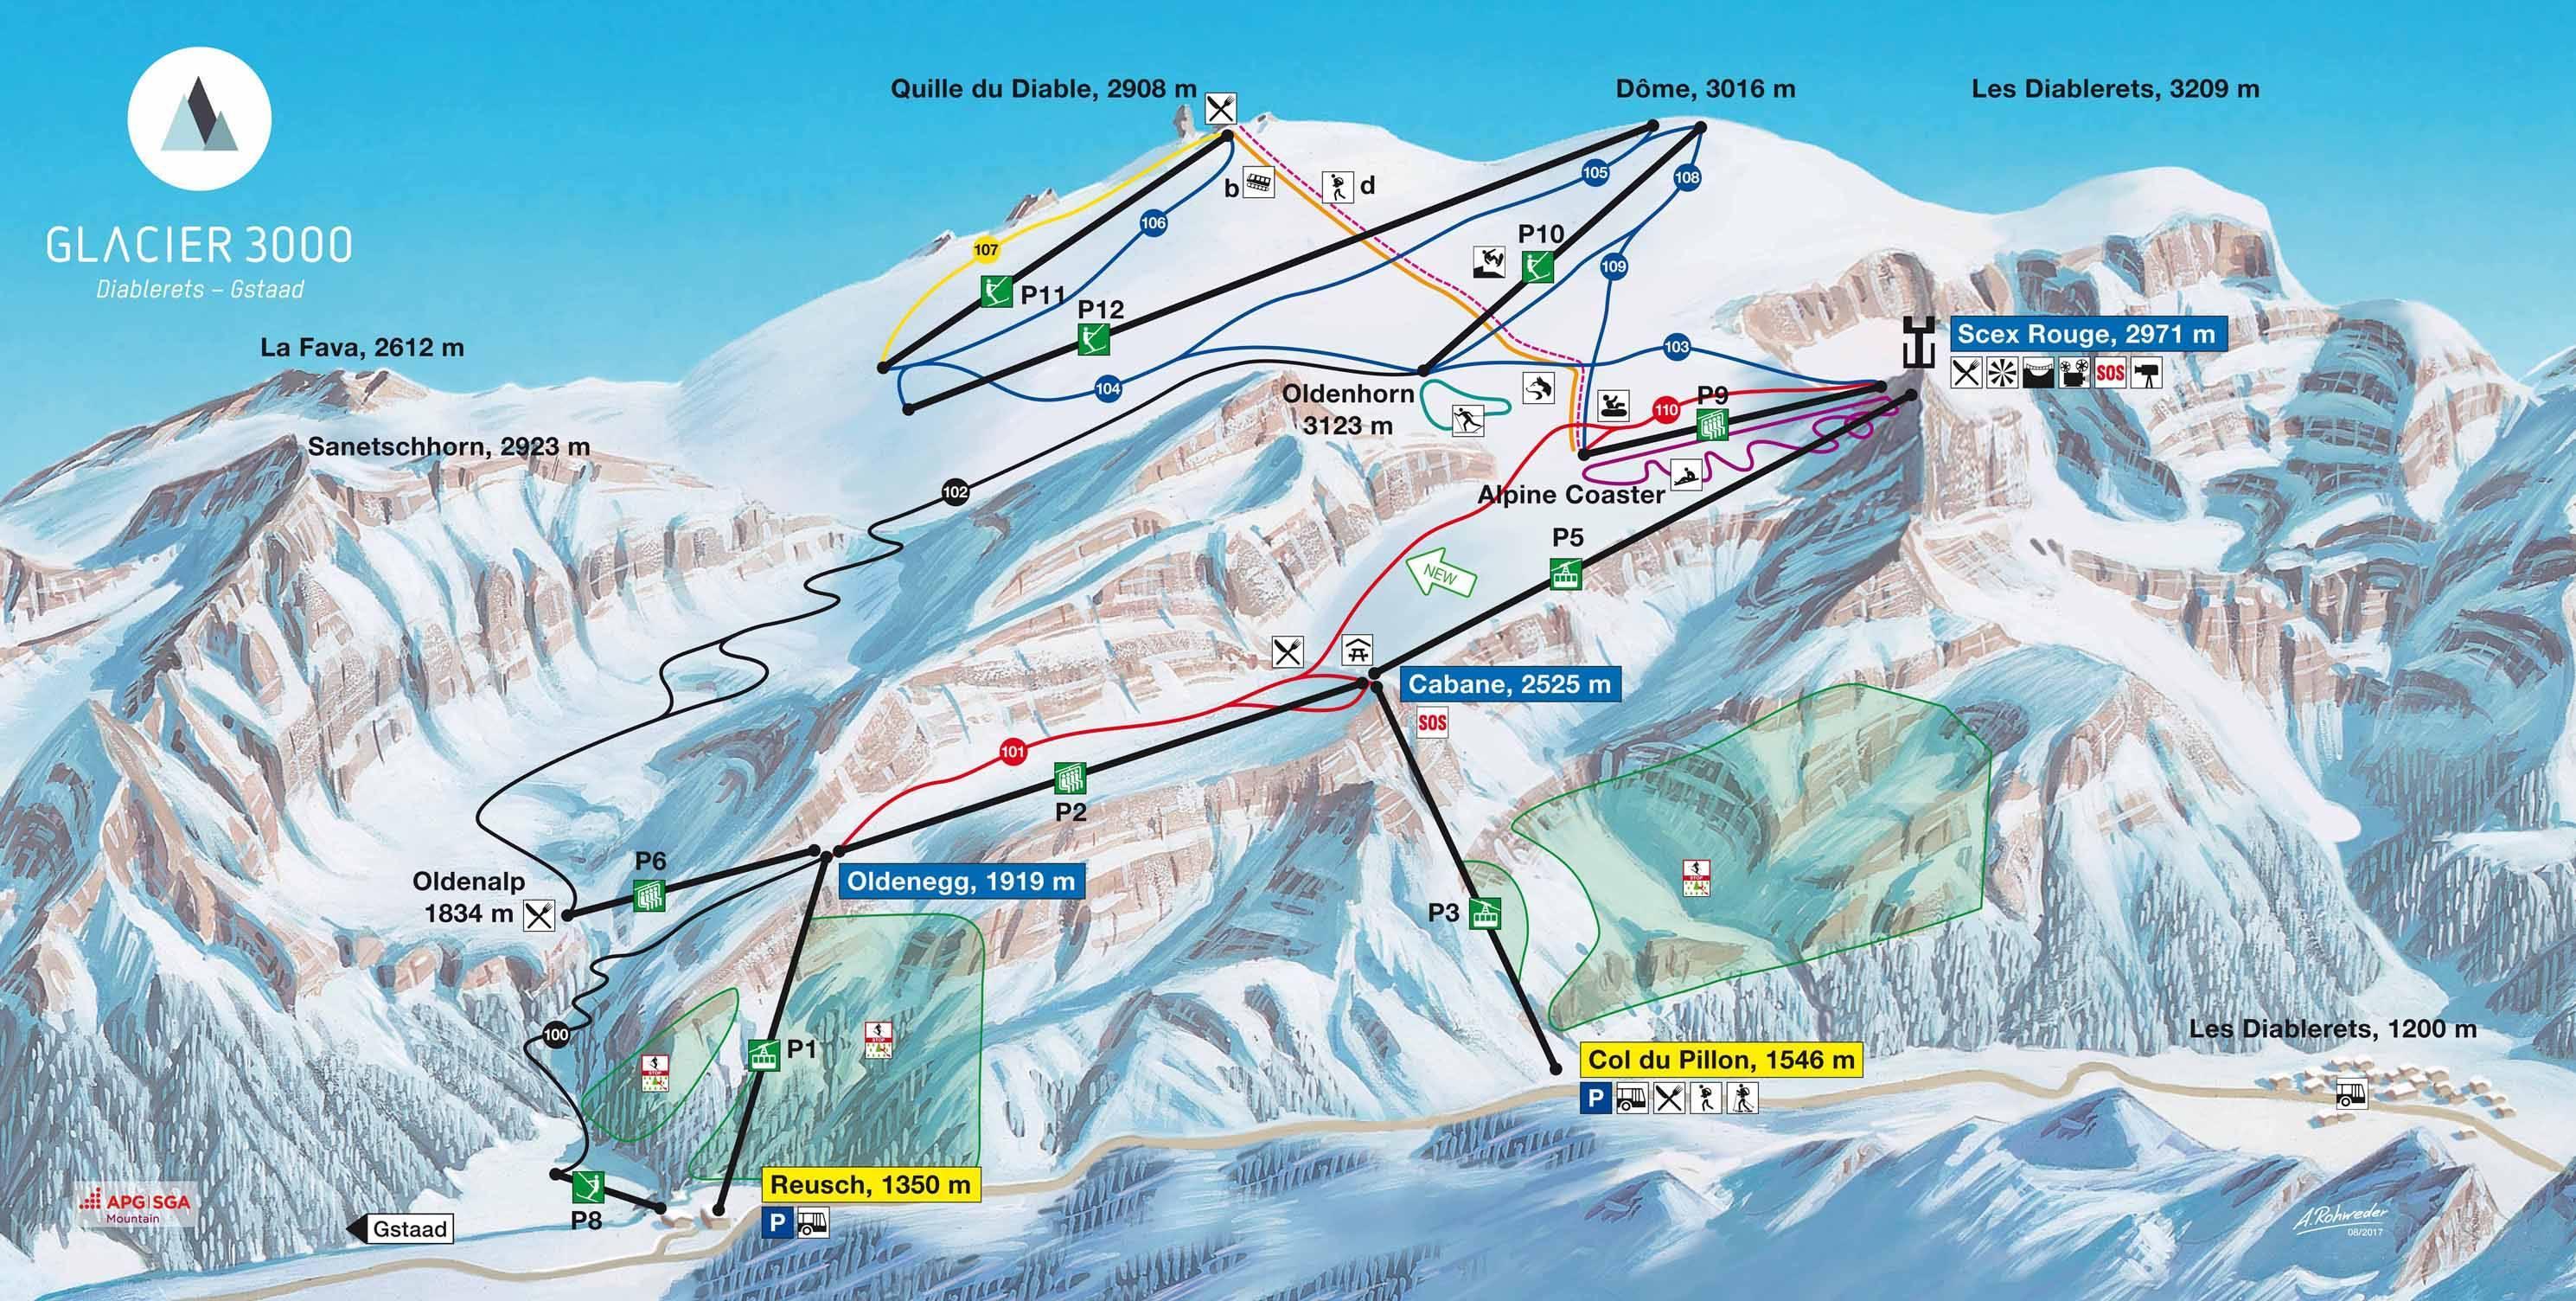 Glacier 3000 – Les Diablerets